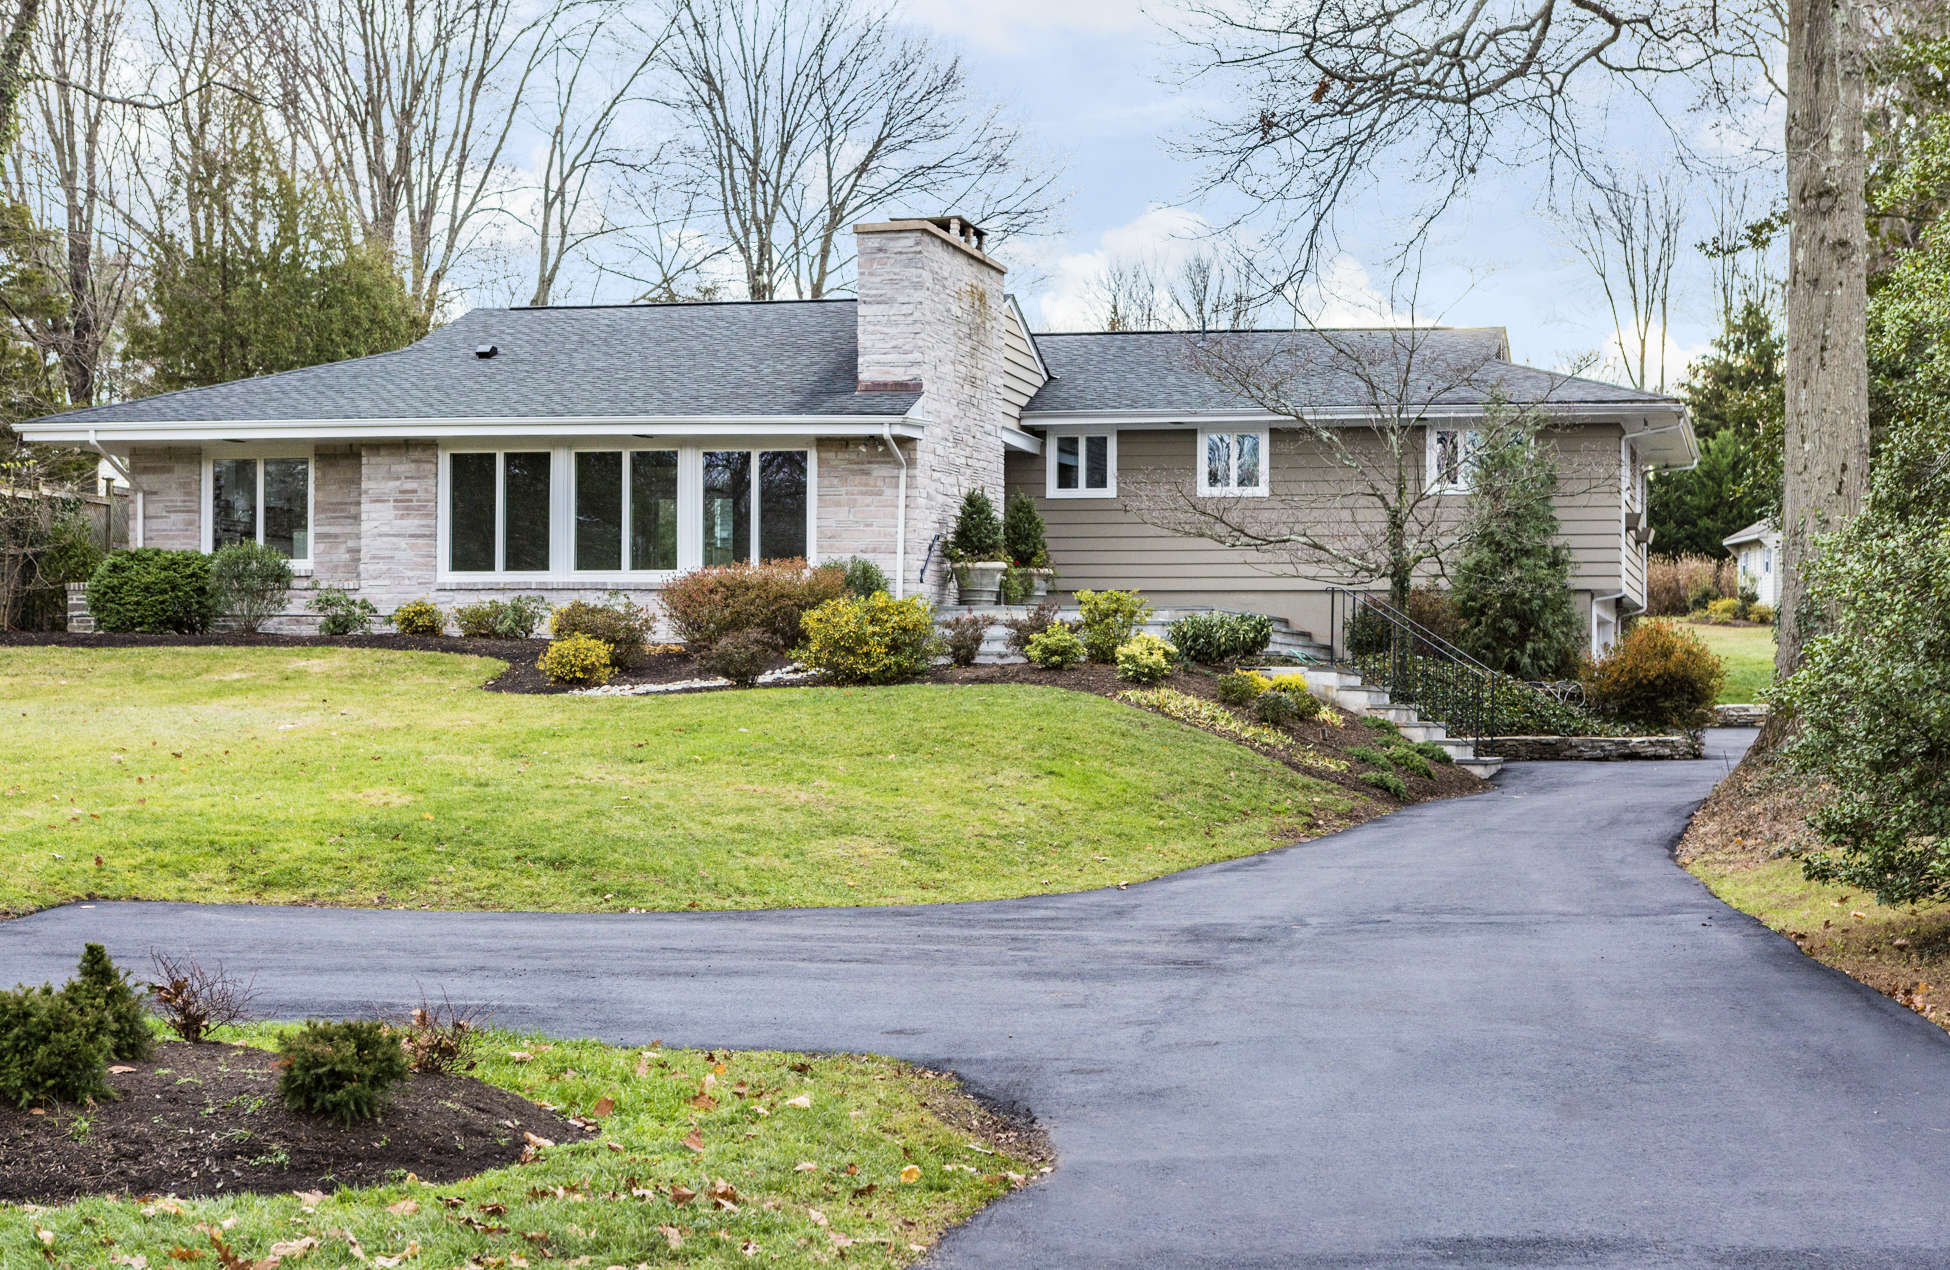 220 King George Rd, Pennington, NJ 08534